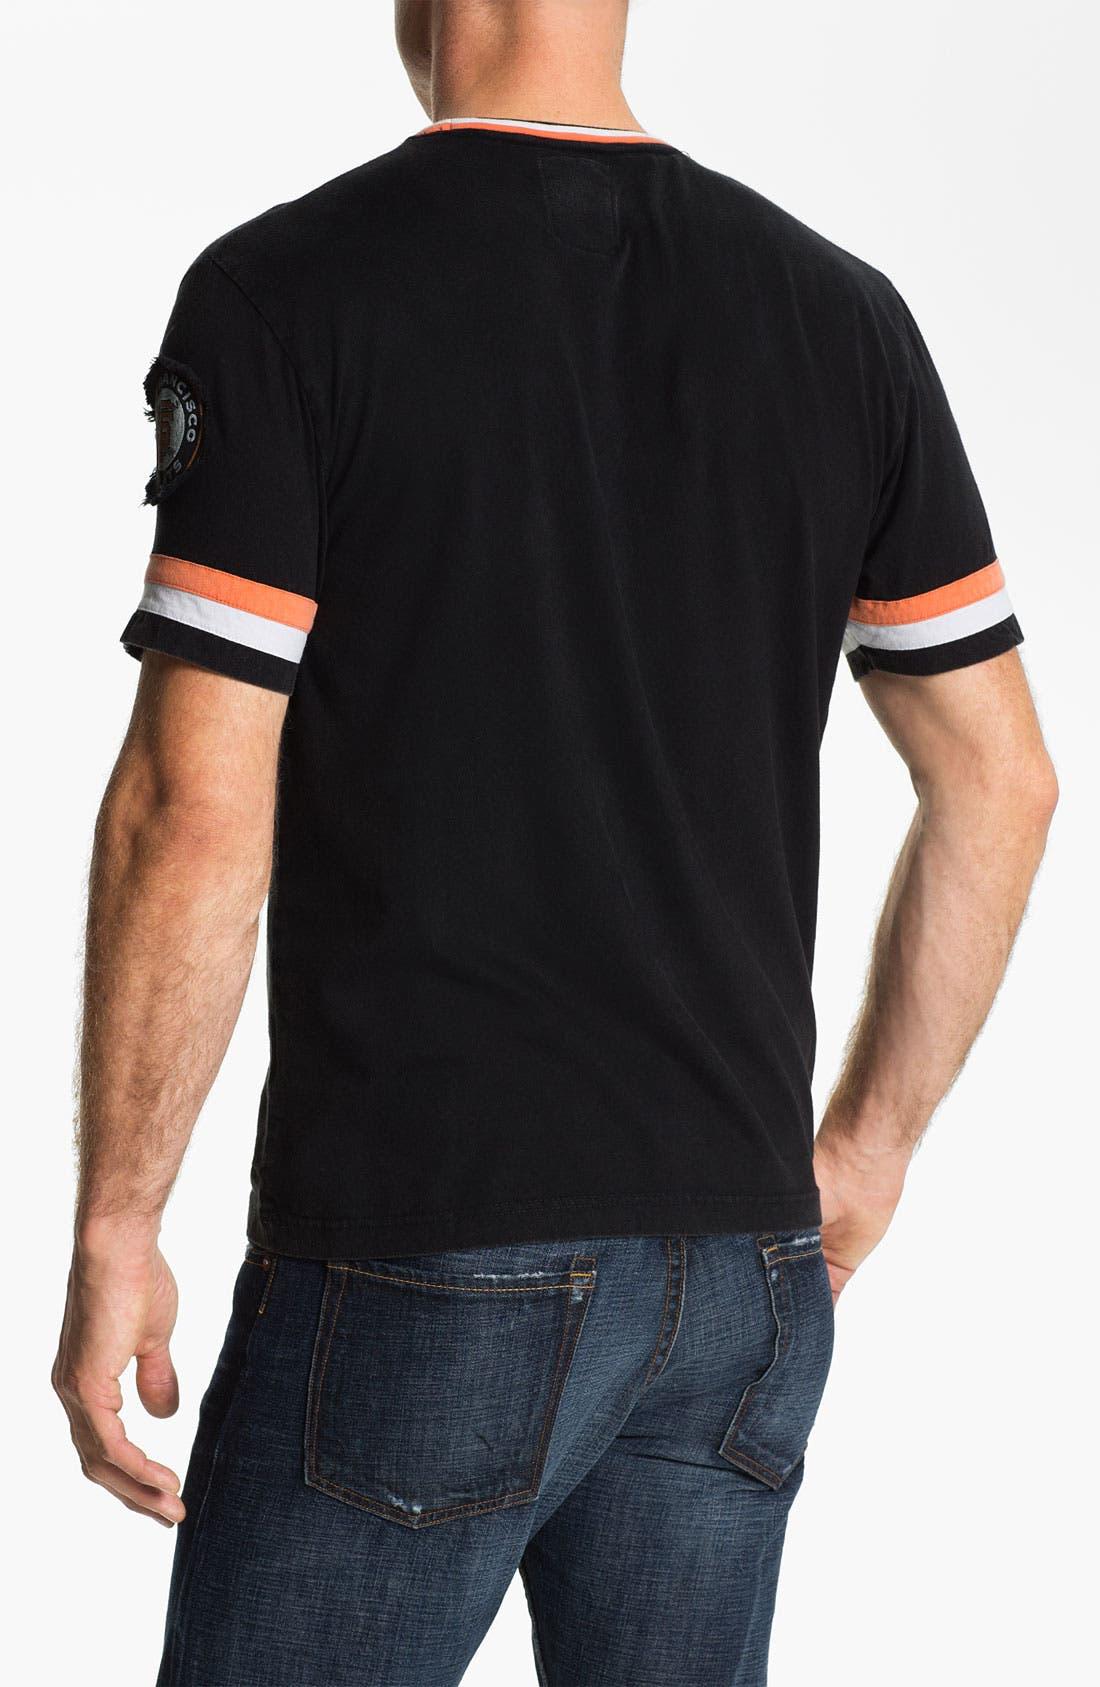 Alternate Image 2  - Red Jacket 'San Francisco Giants' Trim Fit Ringer T-Shirt (Men)